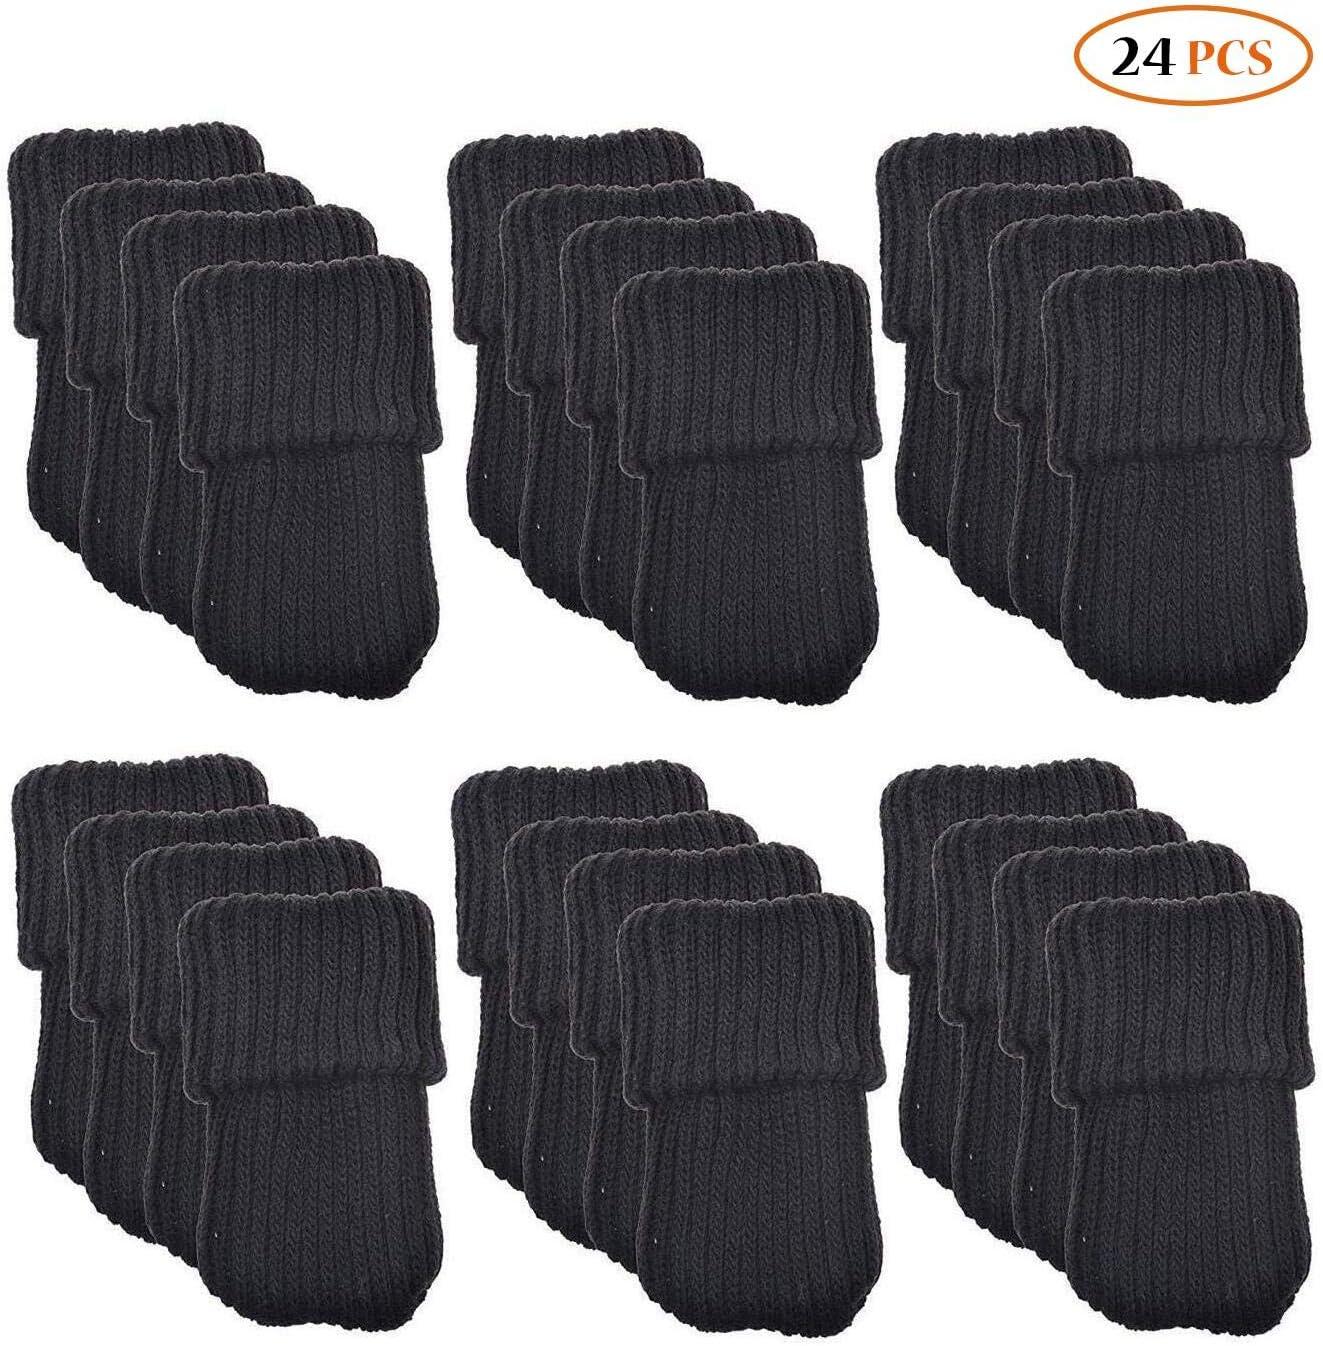 24/LED de muebles de lana para tejer calcetines//pata de la silla piso Protector color negro /¡